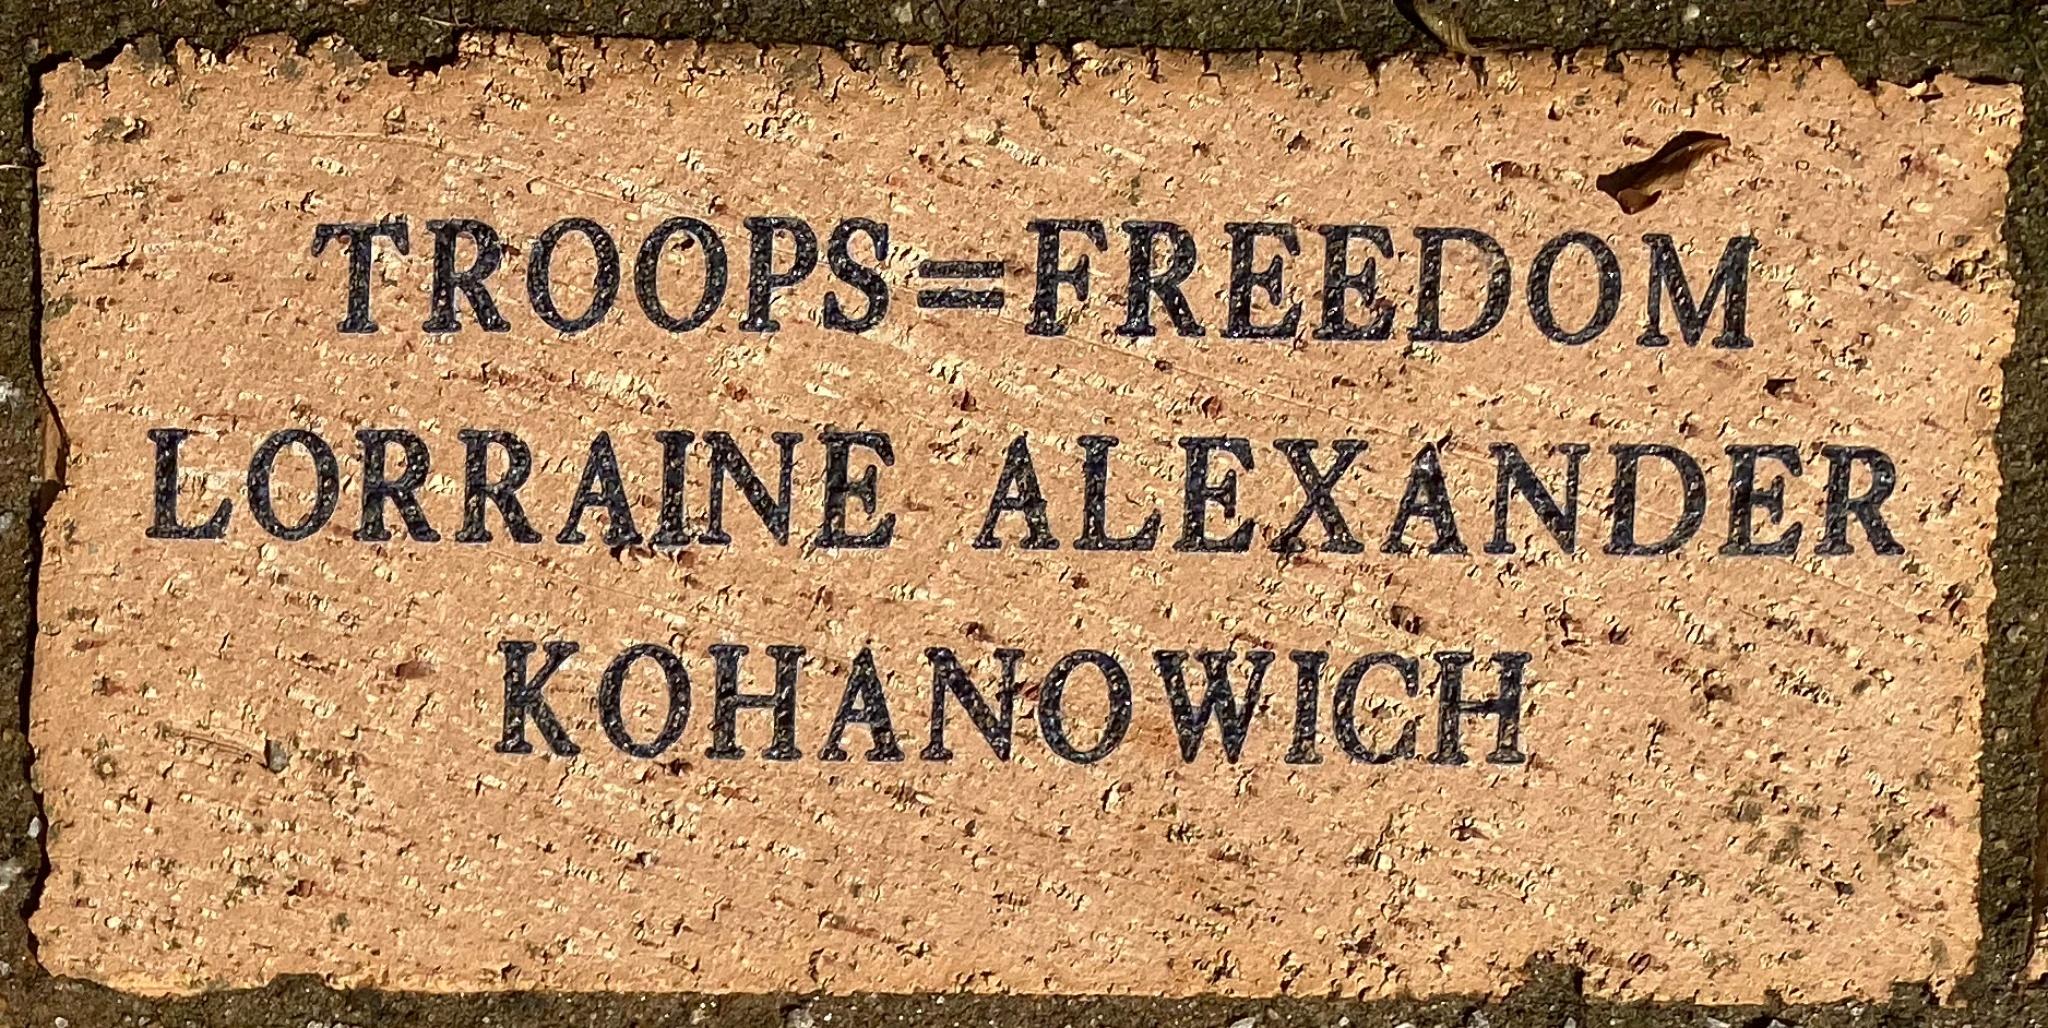 TROOPS=FREEDOM LORRAINE ALEXANDER KOHANOWICH